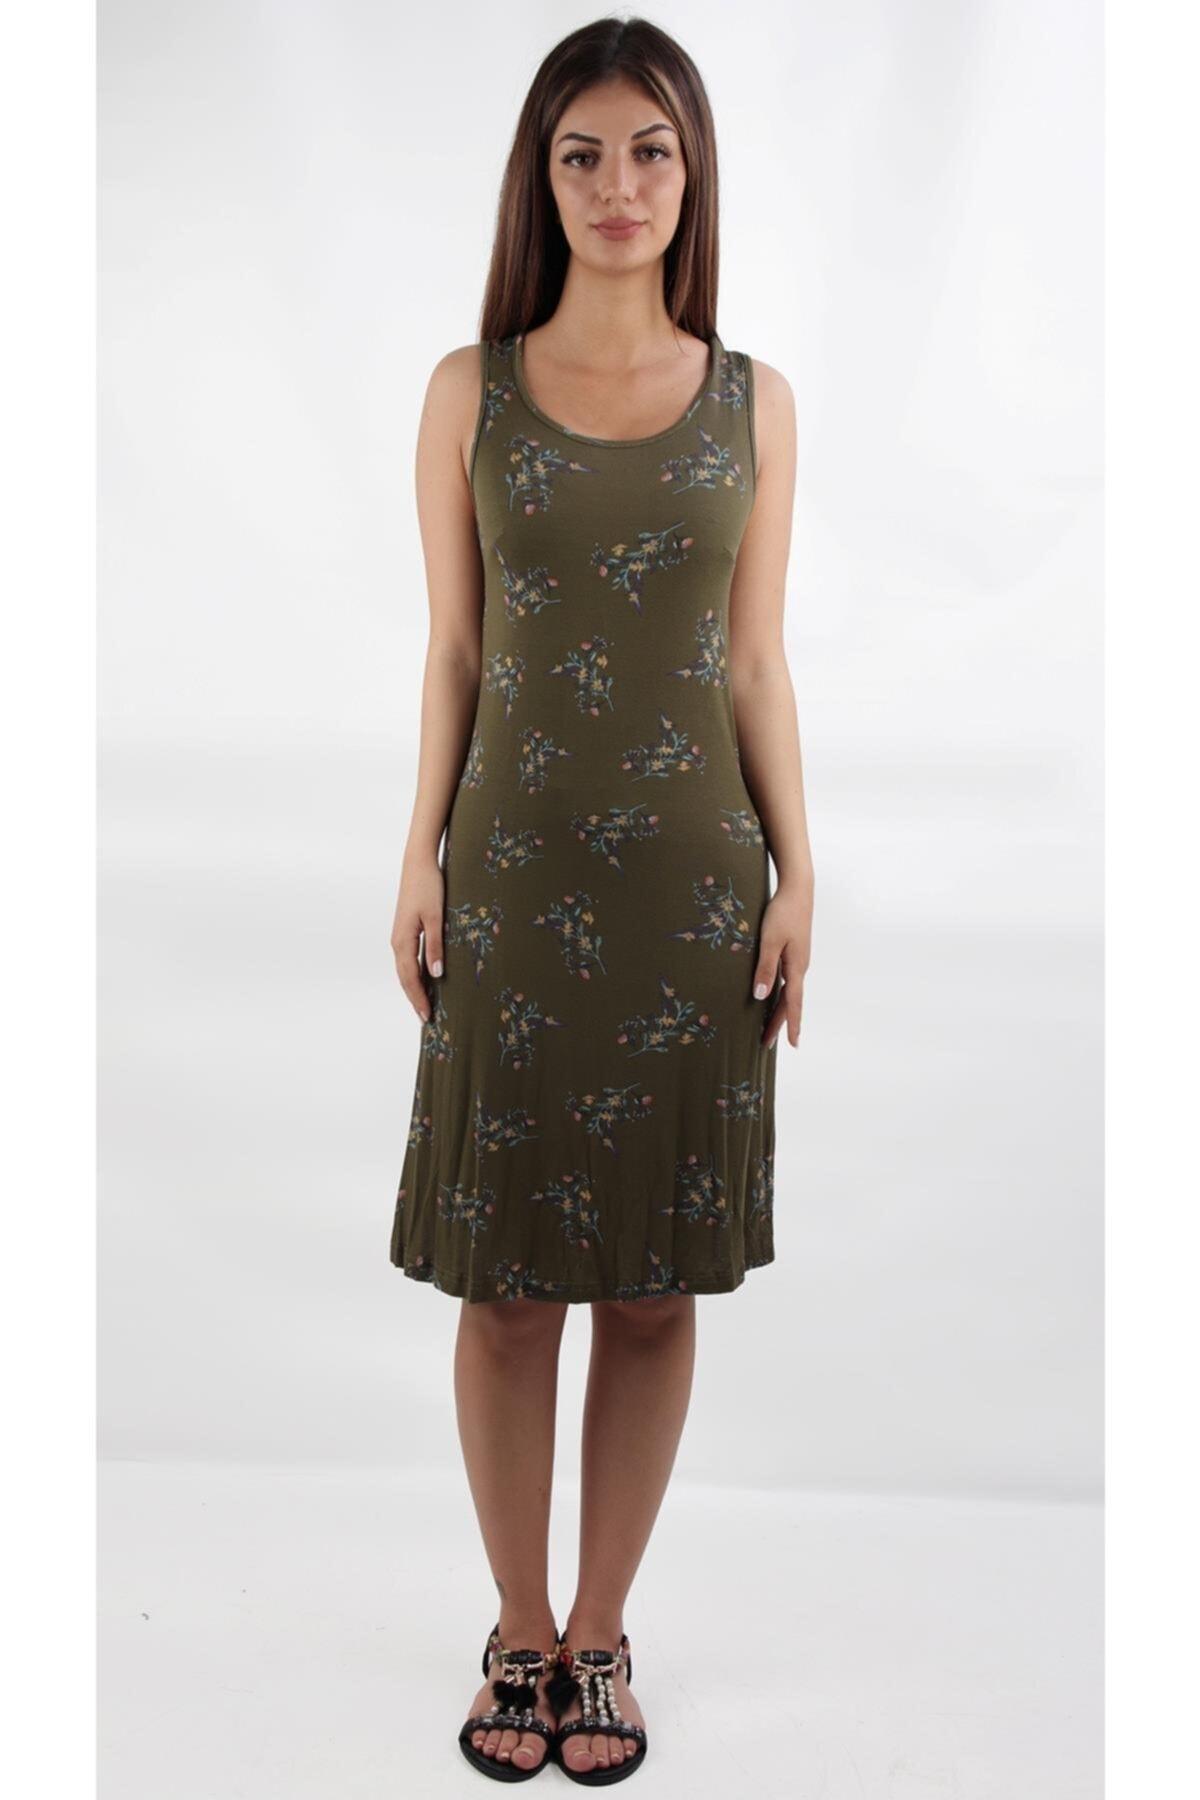 Kalın Askılı Çiçeklı Mıdı Boy Günlük Elbise, Haki (b19-49931)